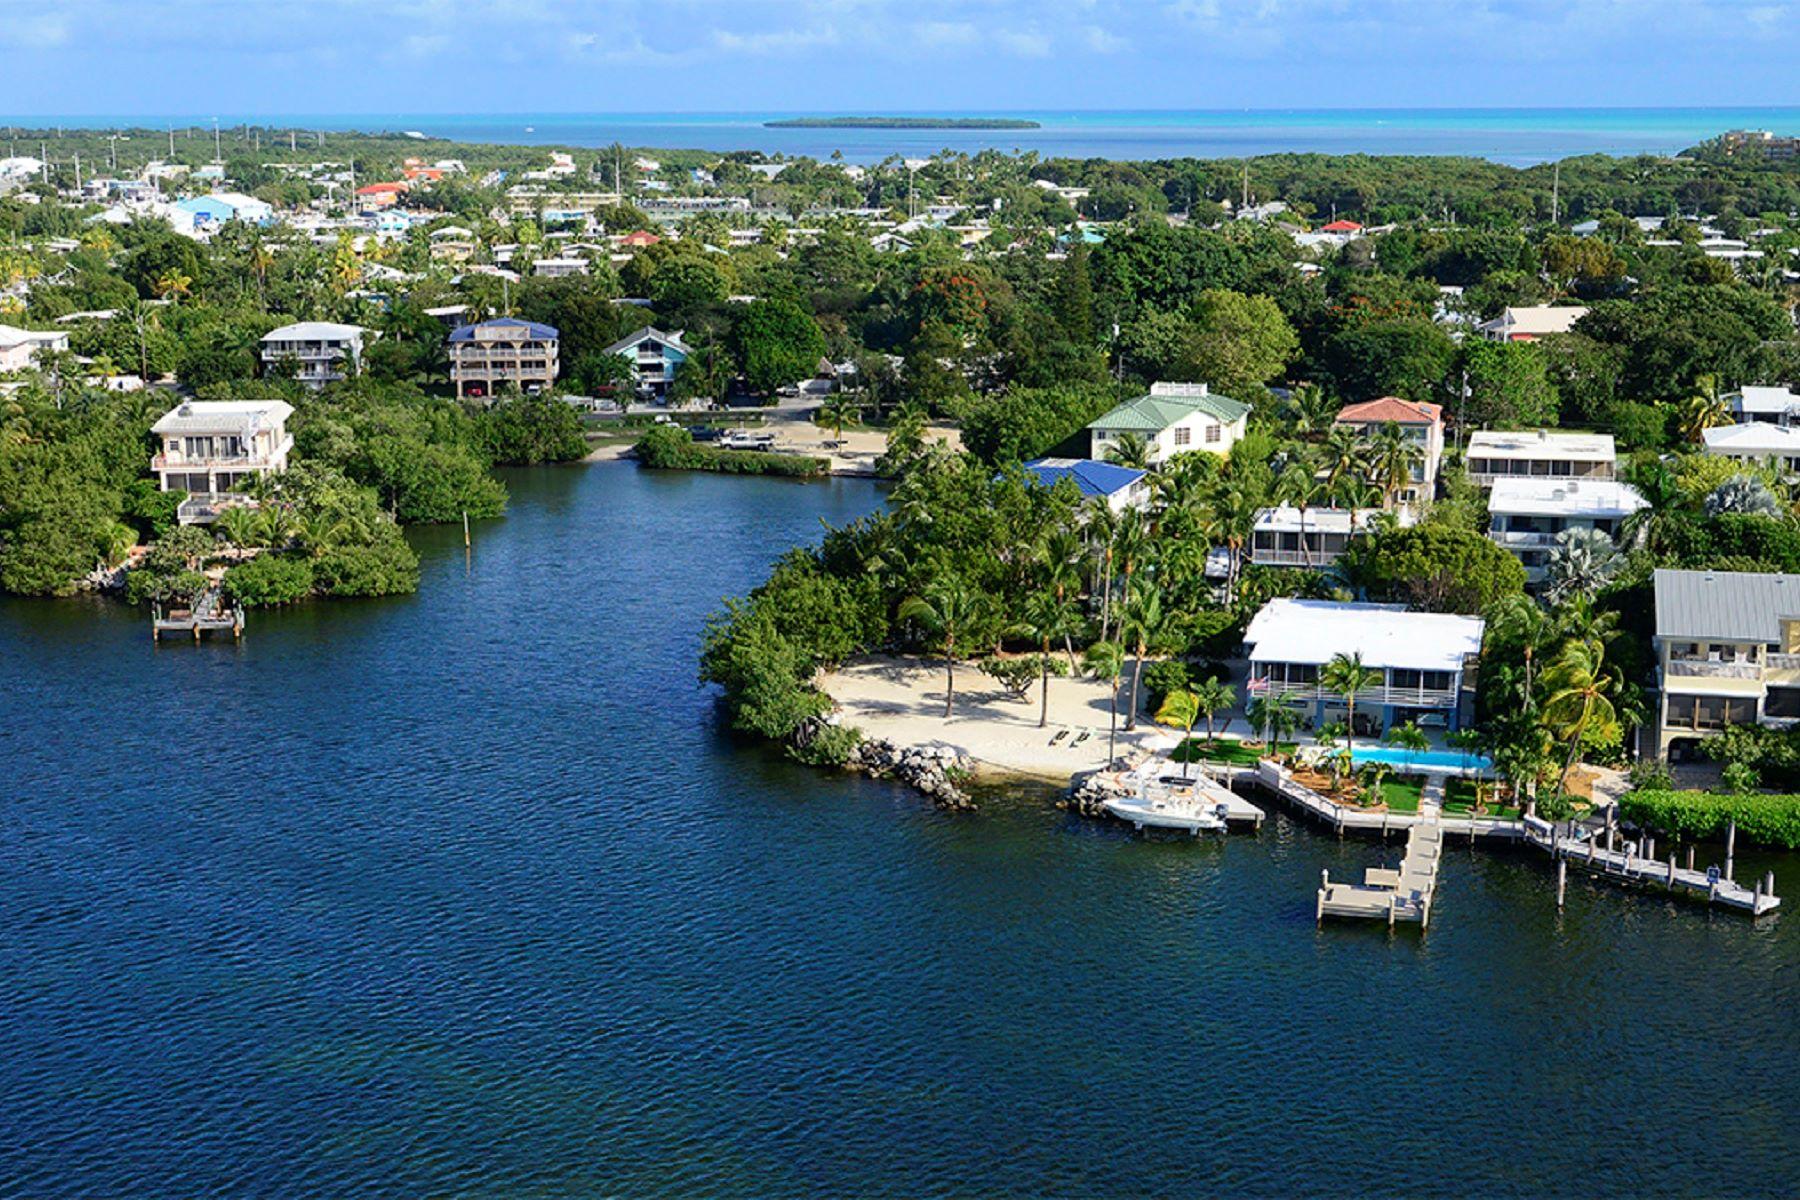 土地 のために 売買 アット Bayfront Parcel 436 S Coconut Palm Blvd Islamorada, フロリダ, 33070 アメリカ合衆国